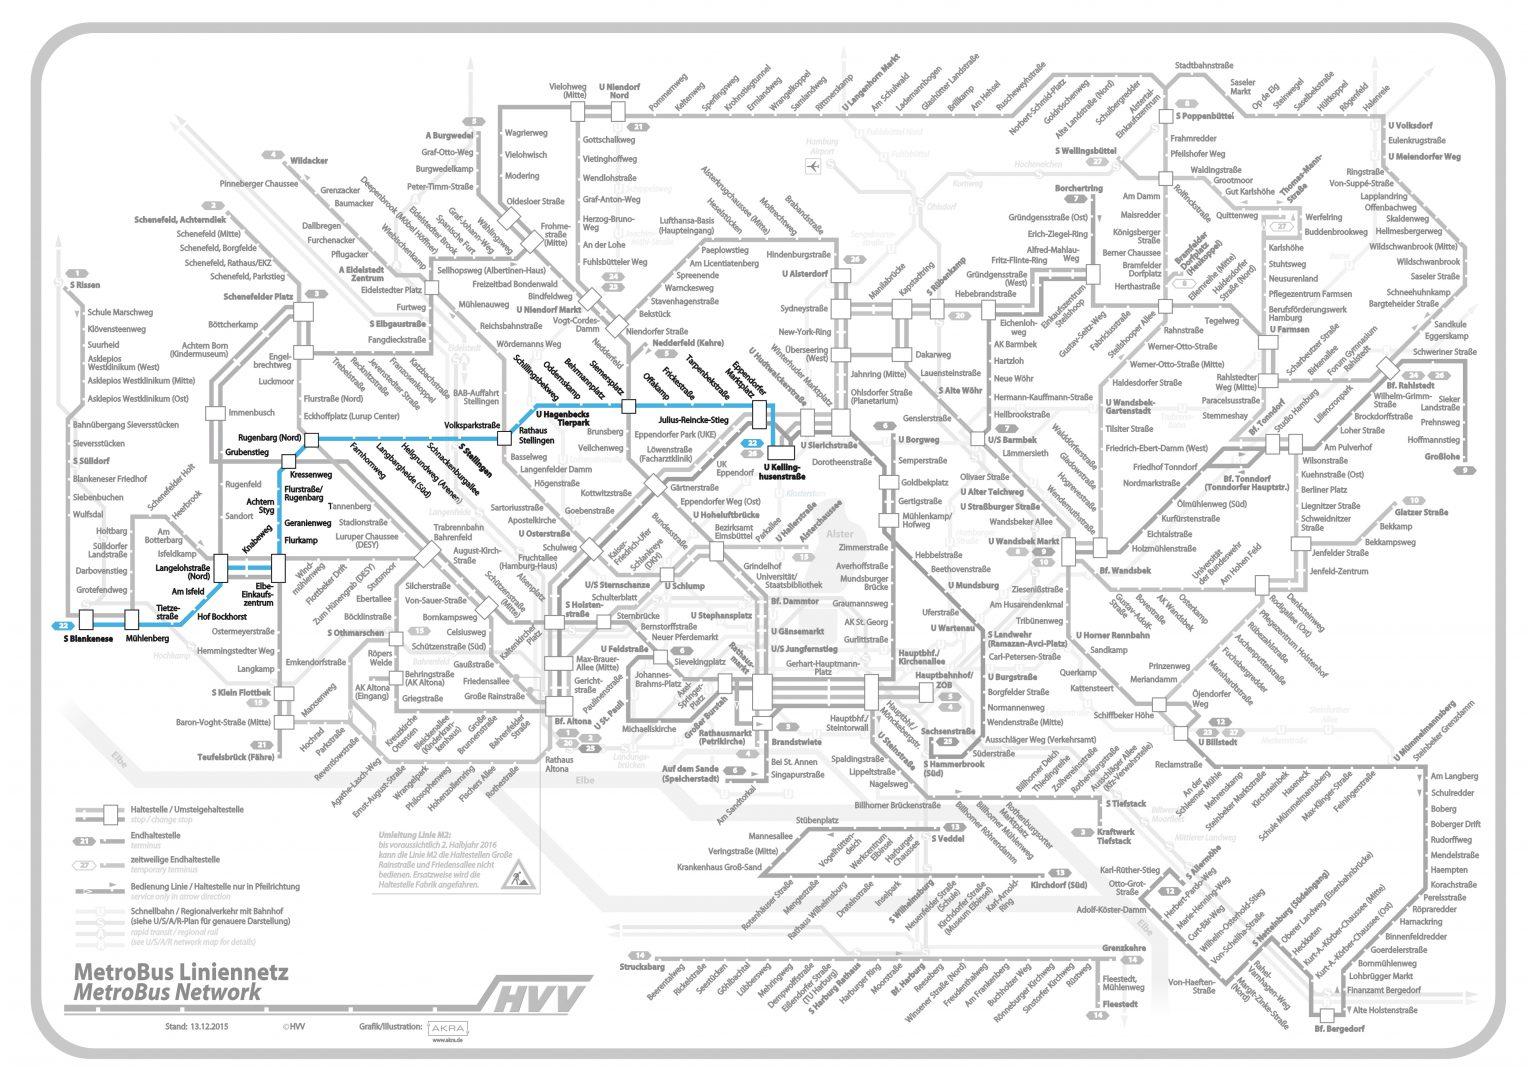 Linie 22 im Liniennetz hervorgehoben, (C) Hamburger Verkehrsverbund (bearbeitet)